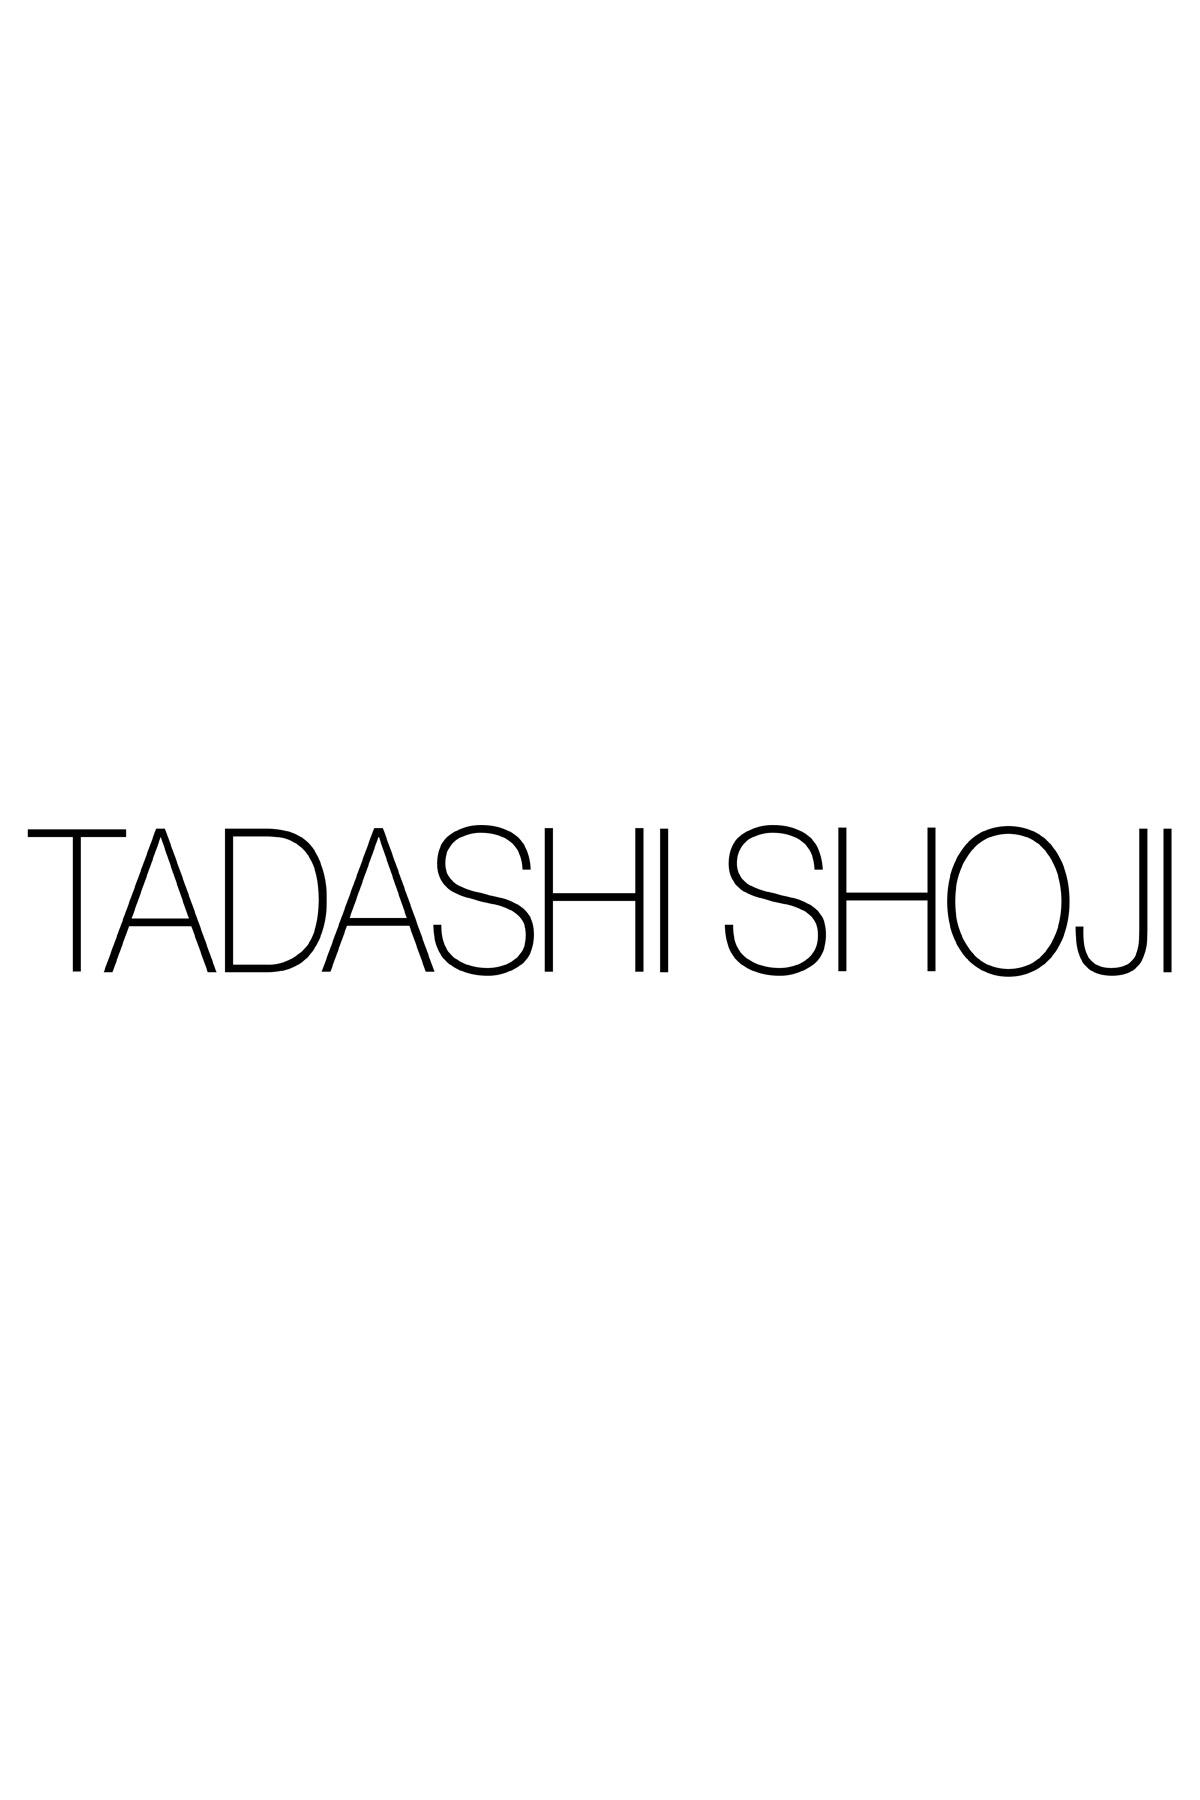 Tadashi Shoji Plus Size Detail - Pemba Gown